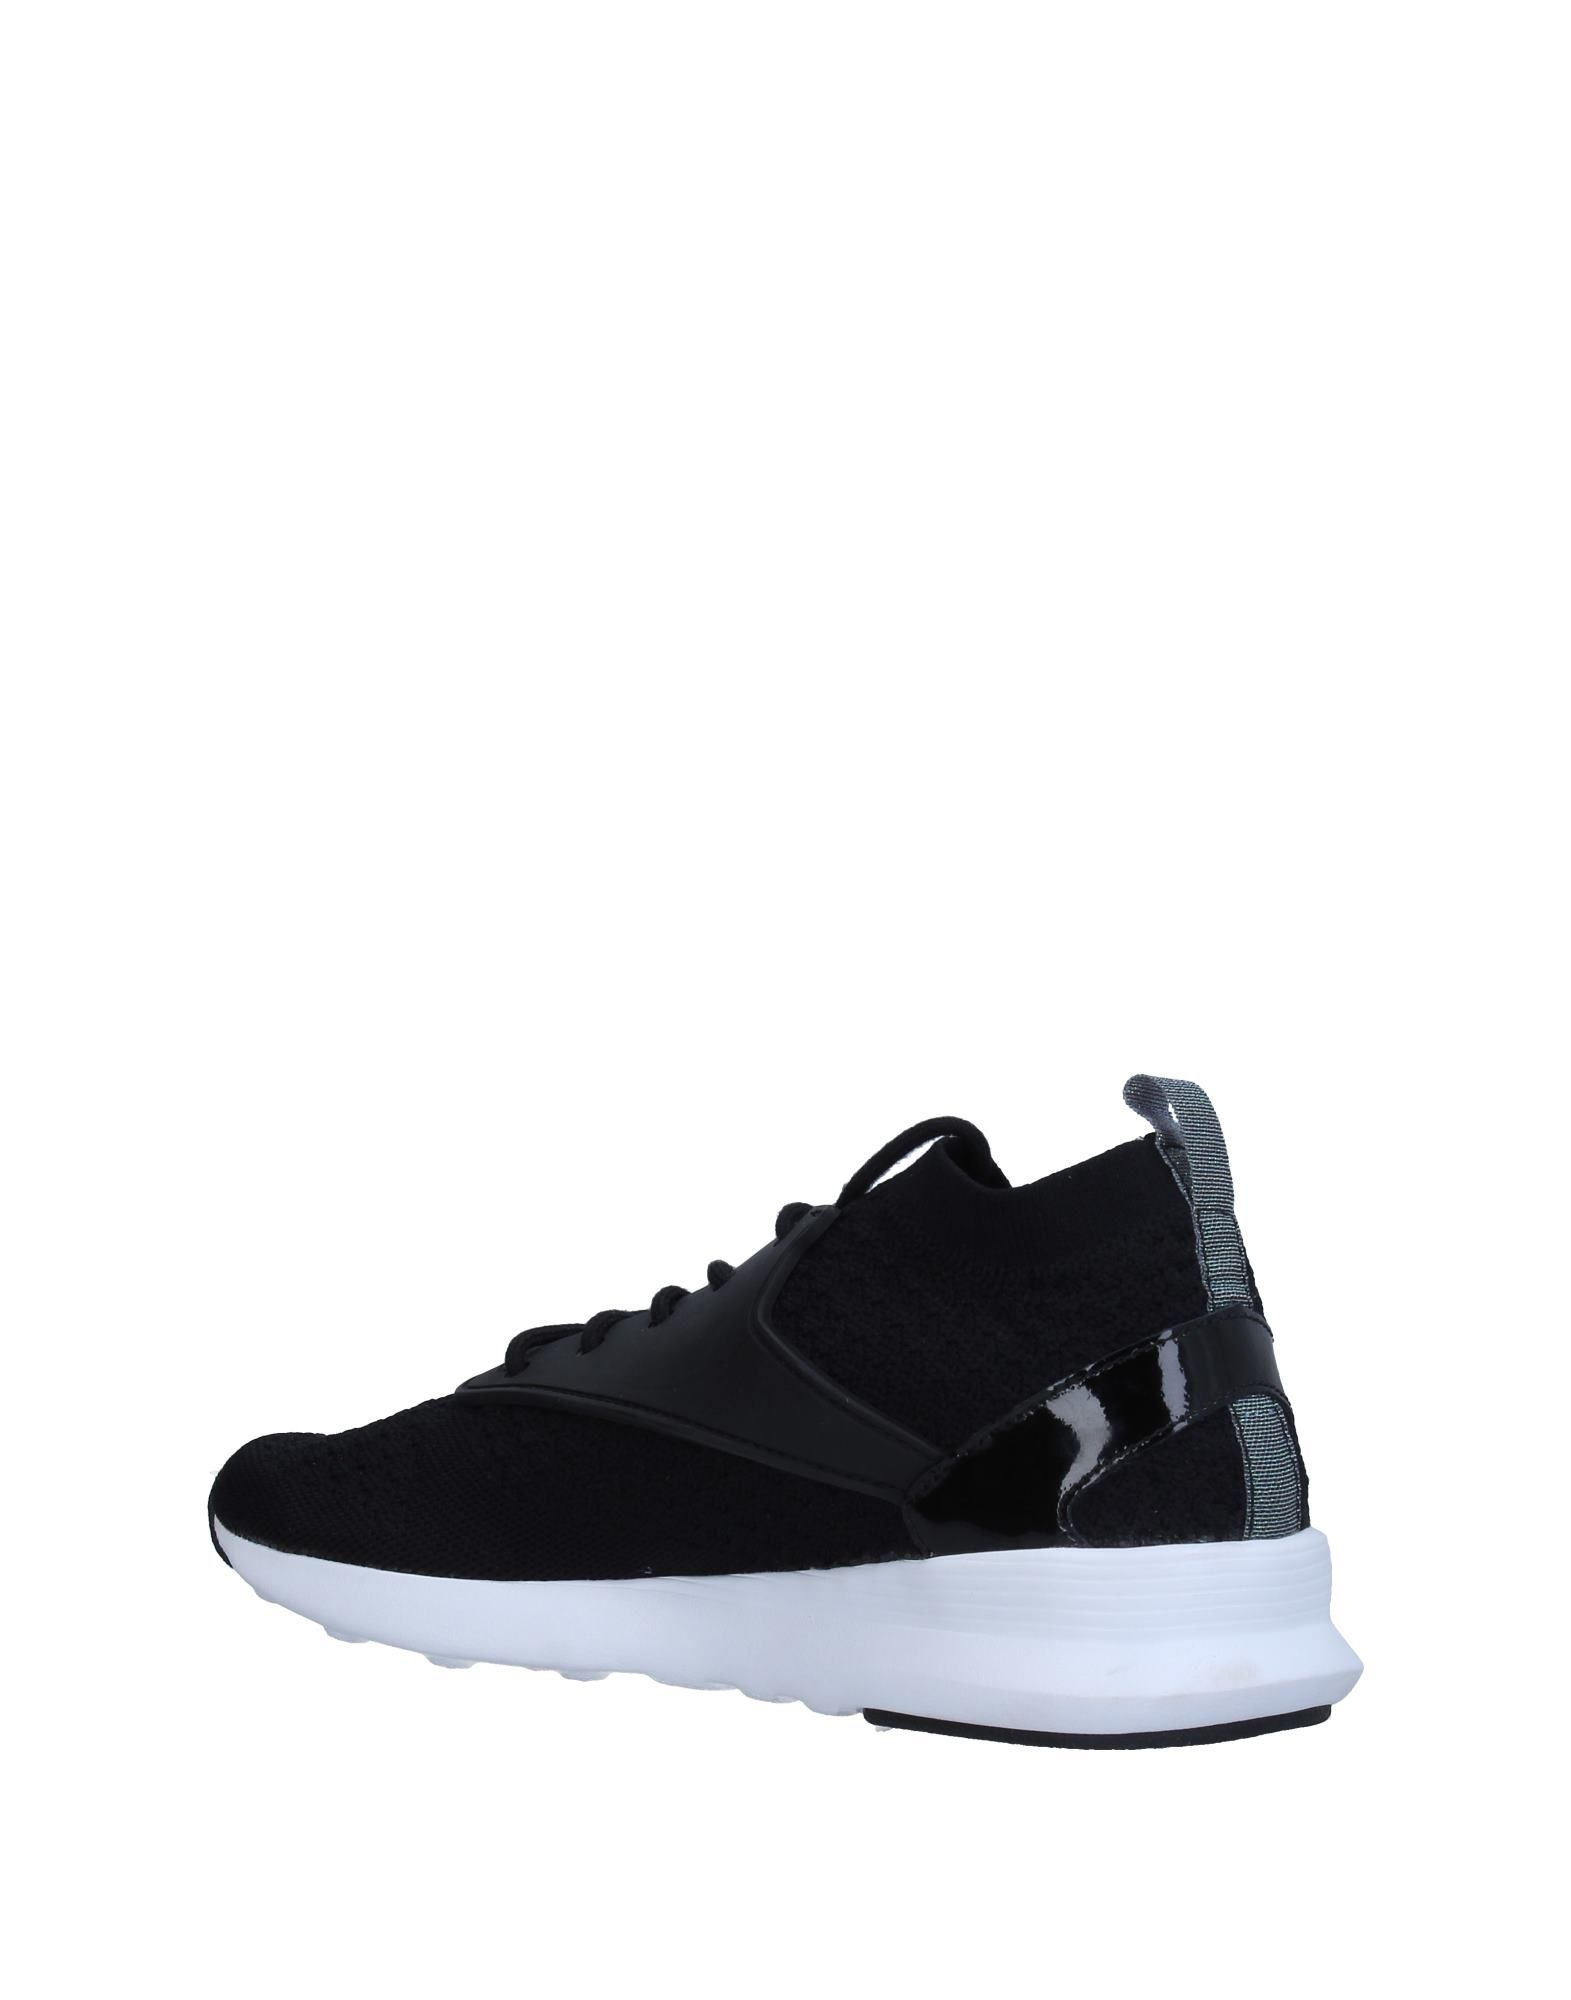 Reebok Sneakers Qualität Damen  11328241ET Gute Qualität Sneakers beliebte Schuhe 16fd6c